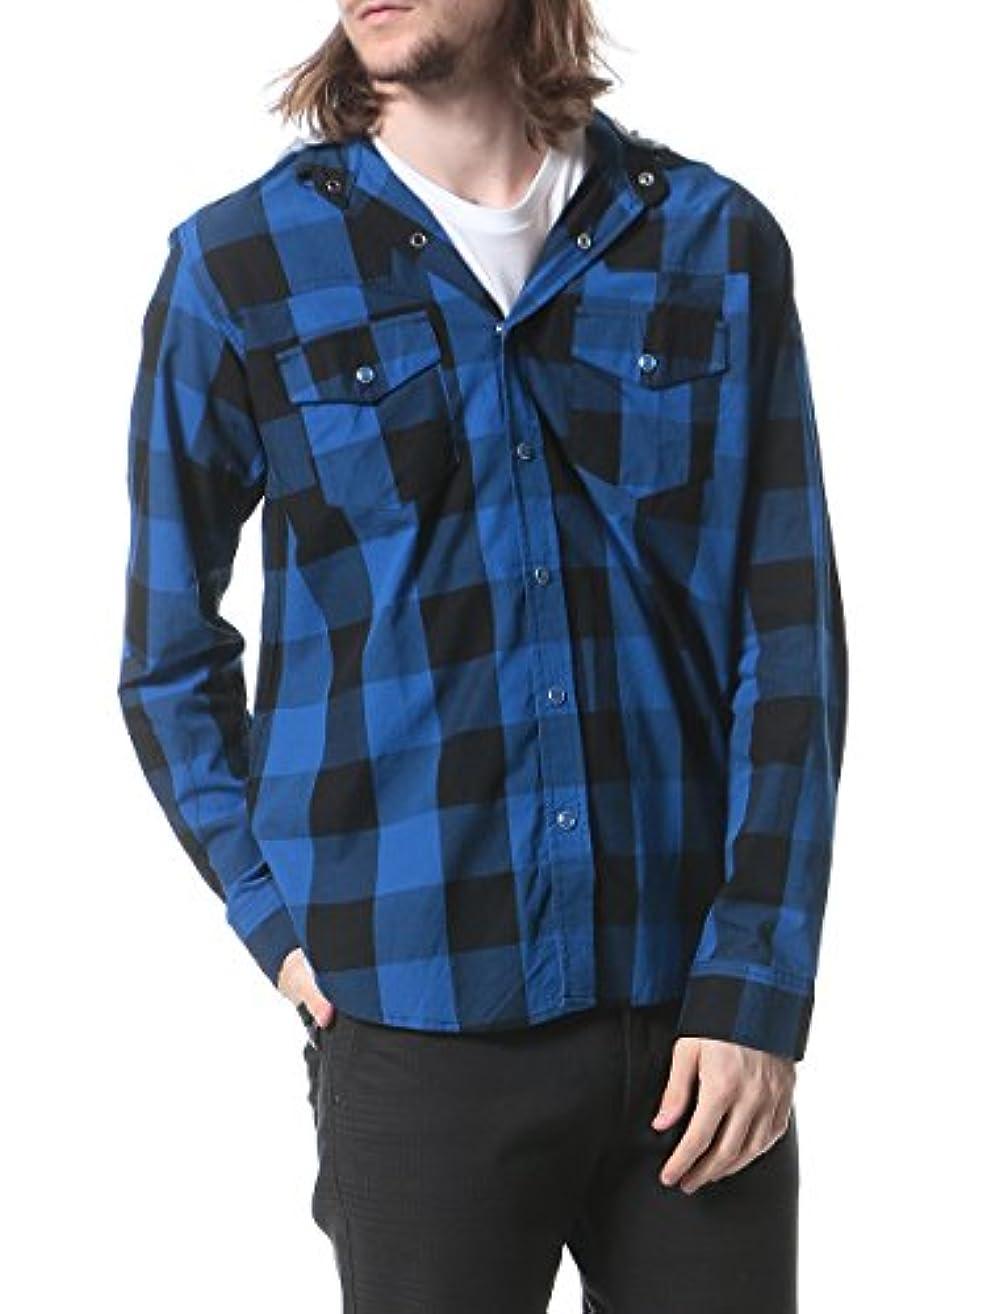 真鍮結婚式リベラル(グレンミスト) Glenmist 綿100% カットフード付き 長袖 チェックシャツ B / L